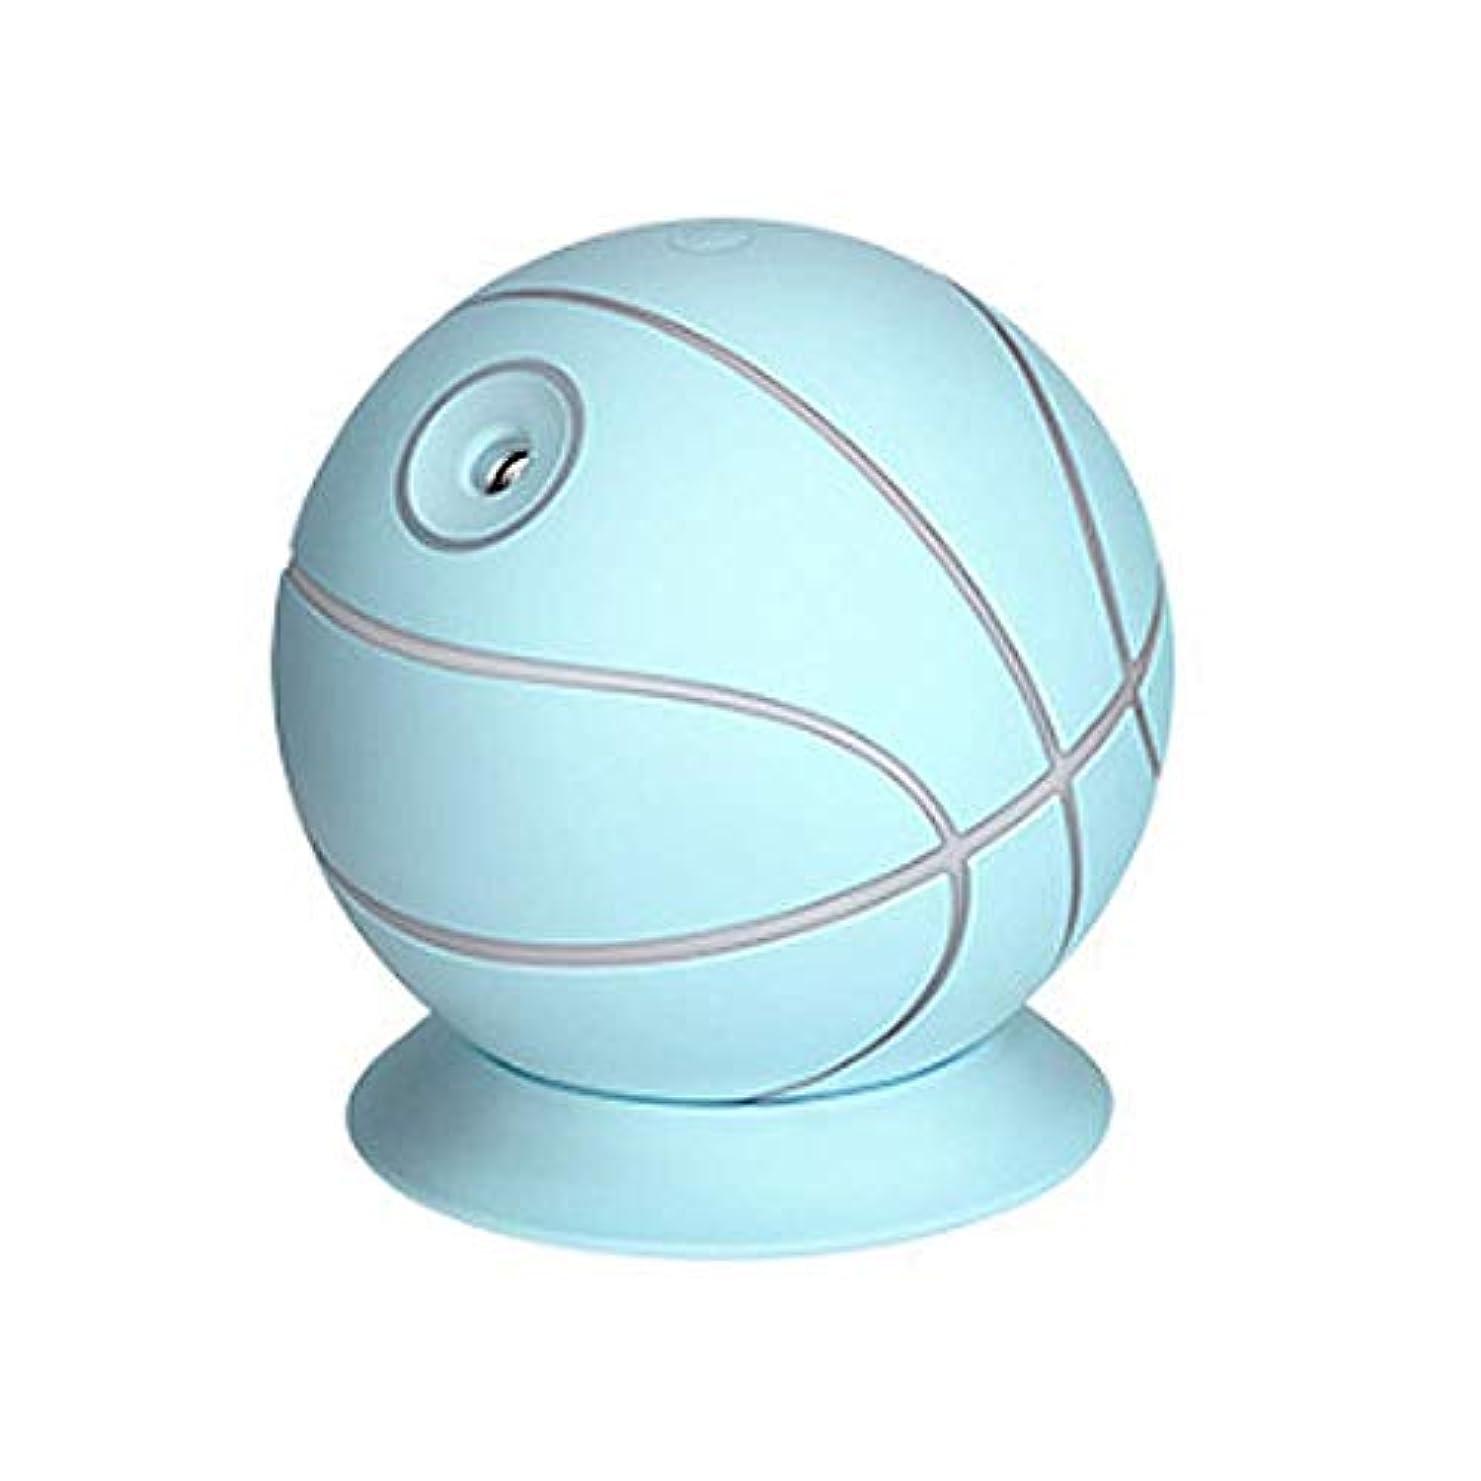 無能騒規制するYalztc-zyq16 Usb空気加湿器フェイシャル水分補給器具車大容量スプレーエアコン寝室オフィスデスクトップポータブル小型アロマセラピーエッセンシャルオイル水分補給 (Color : Blue)